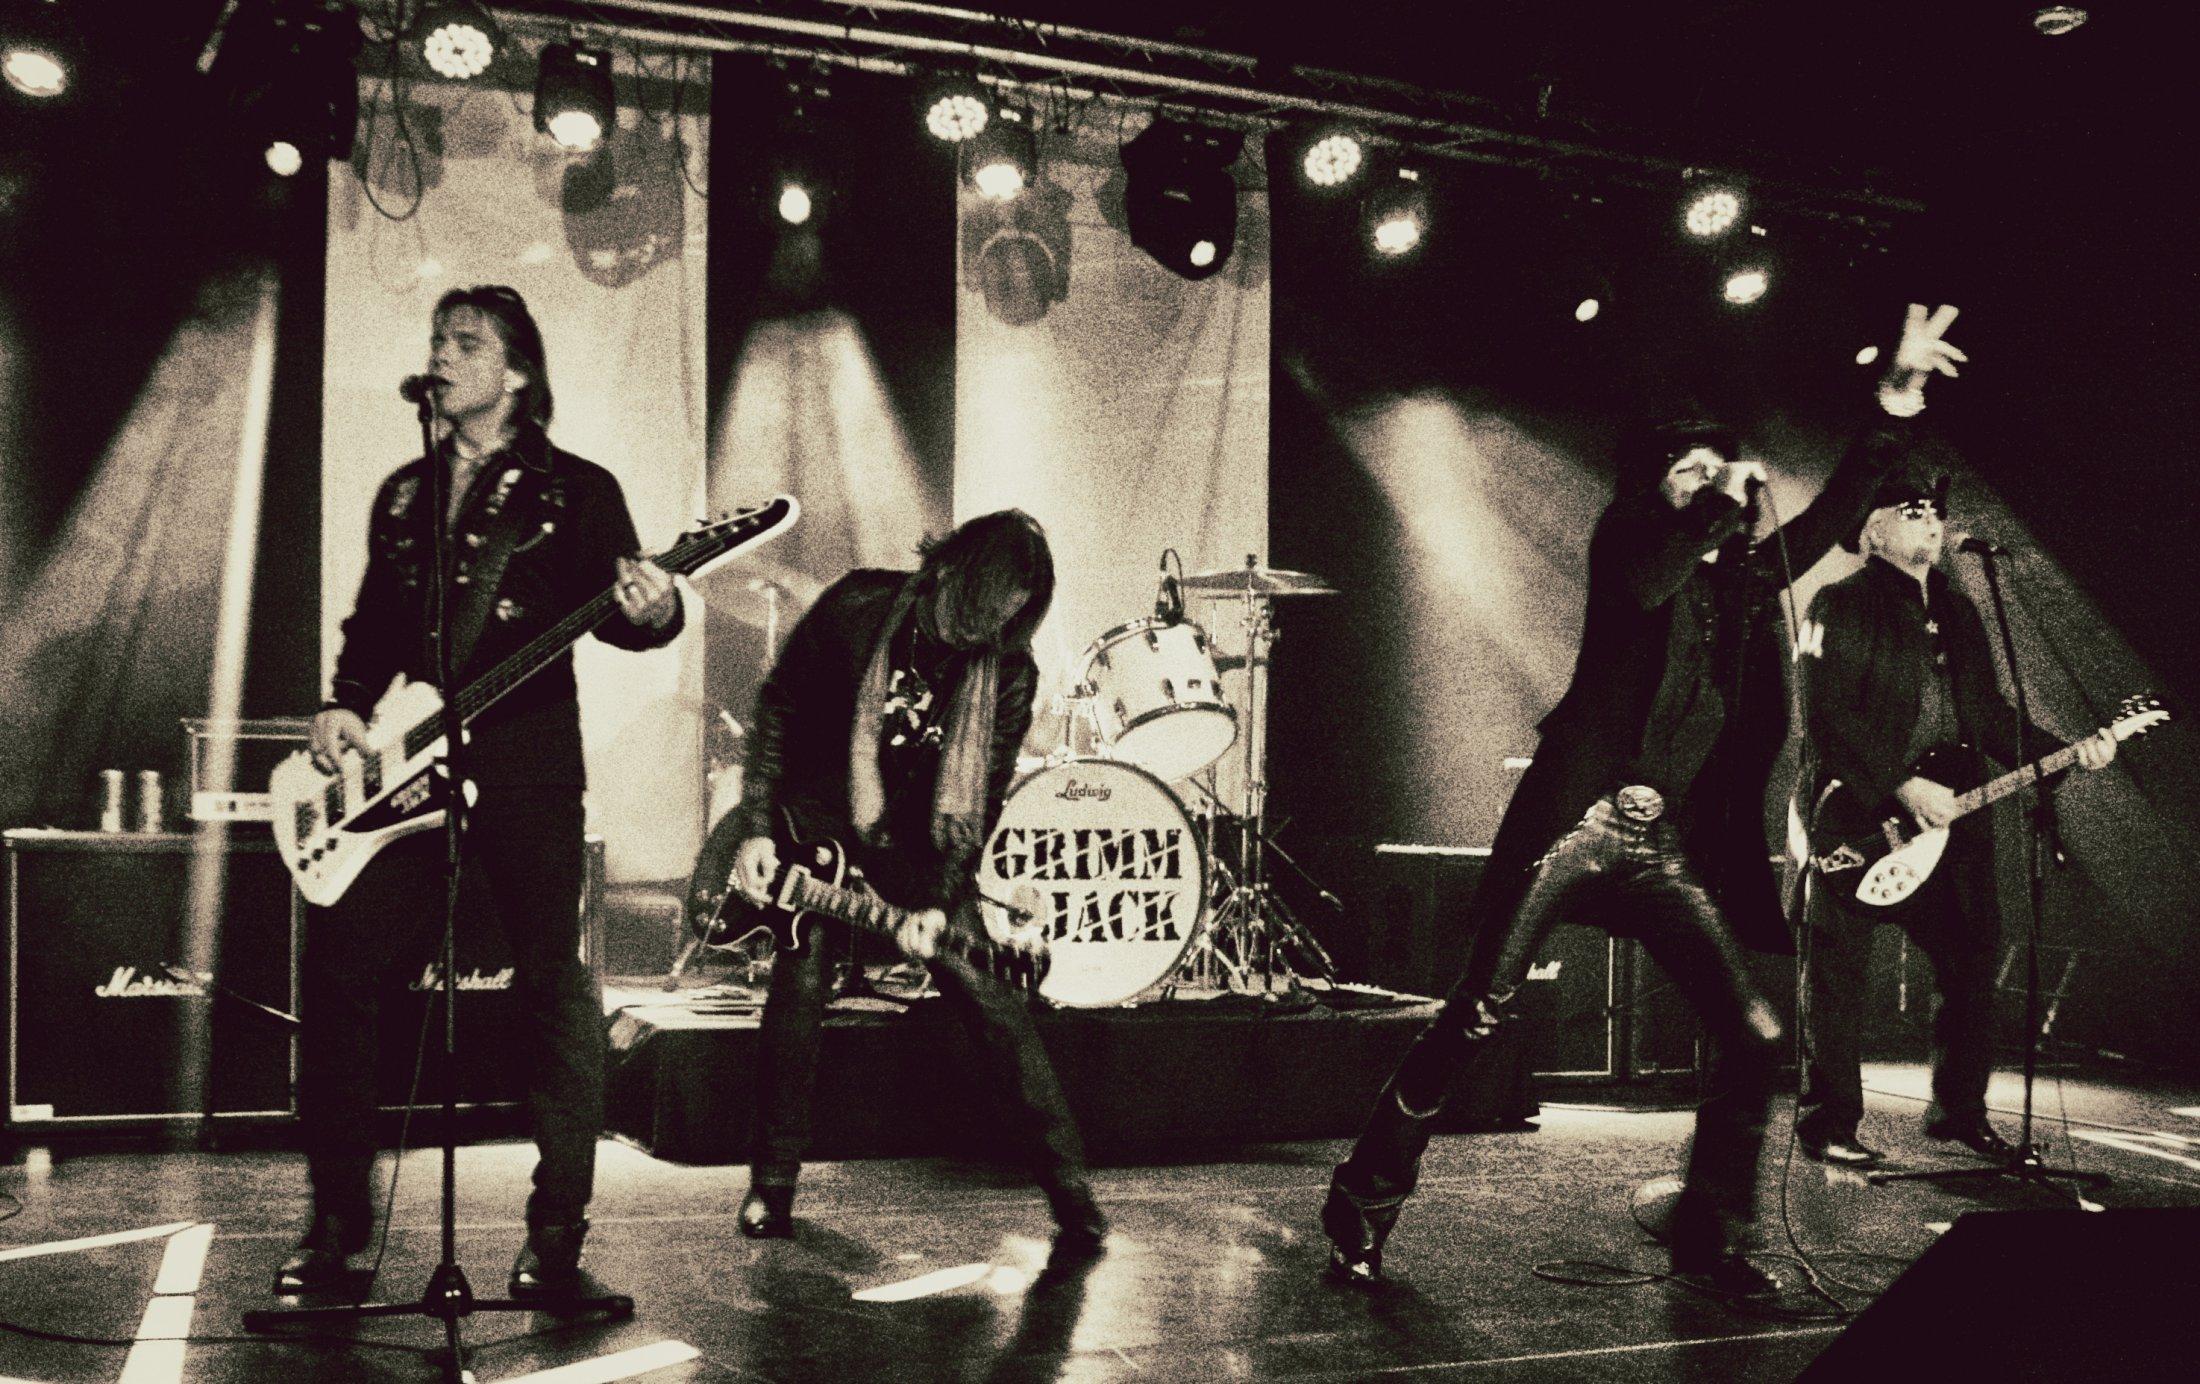 Grimm Jack @ Evolution Sound Stage, Werst Babylon (86)